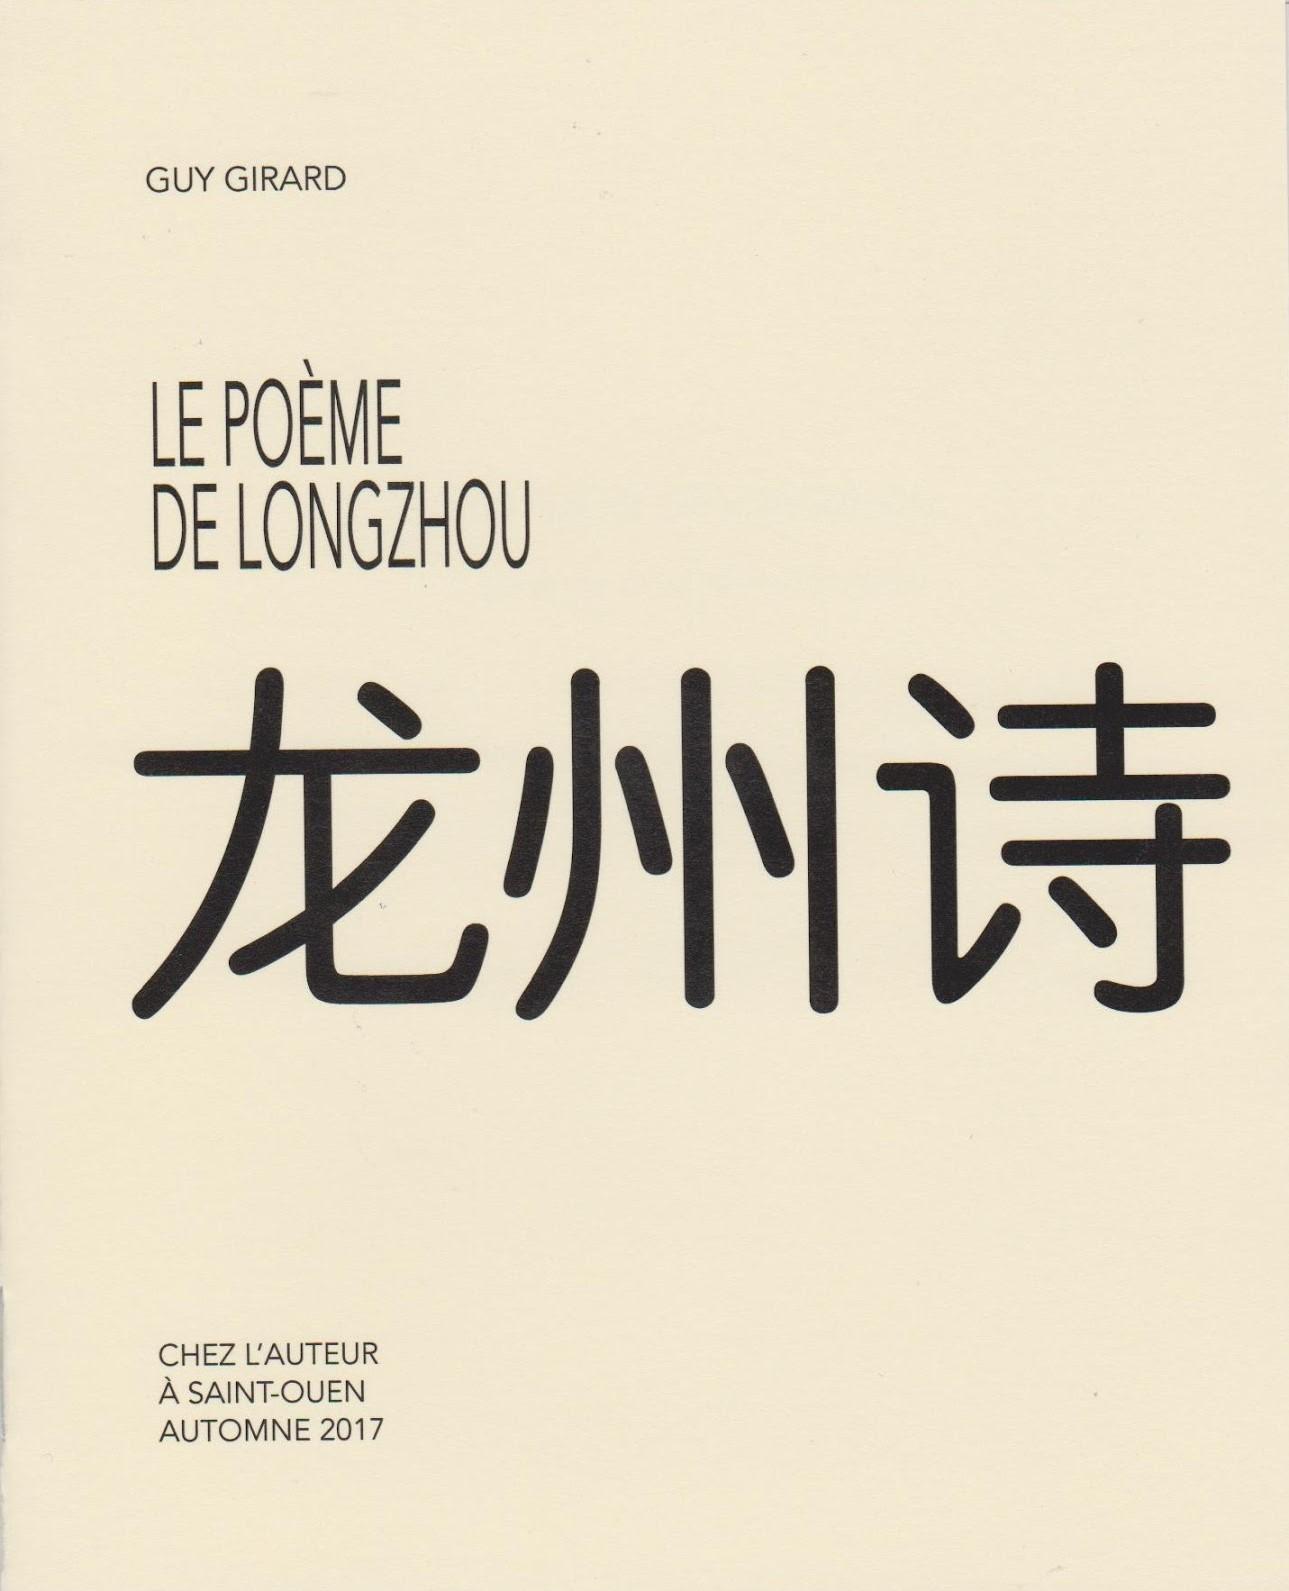 Guy GIRARD, LE POÈME DE LONGZHOU, 2017